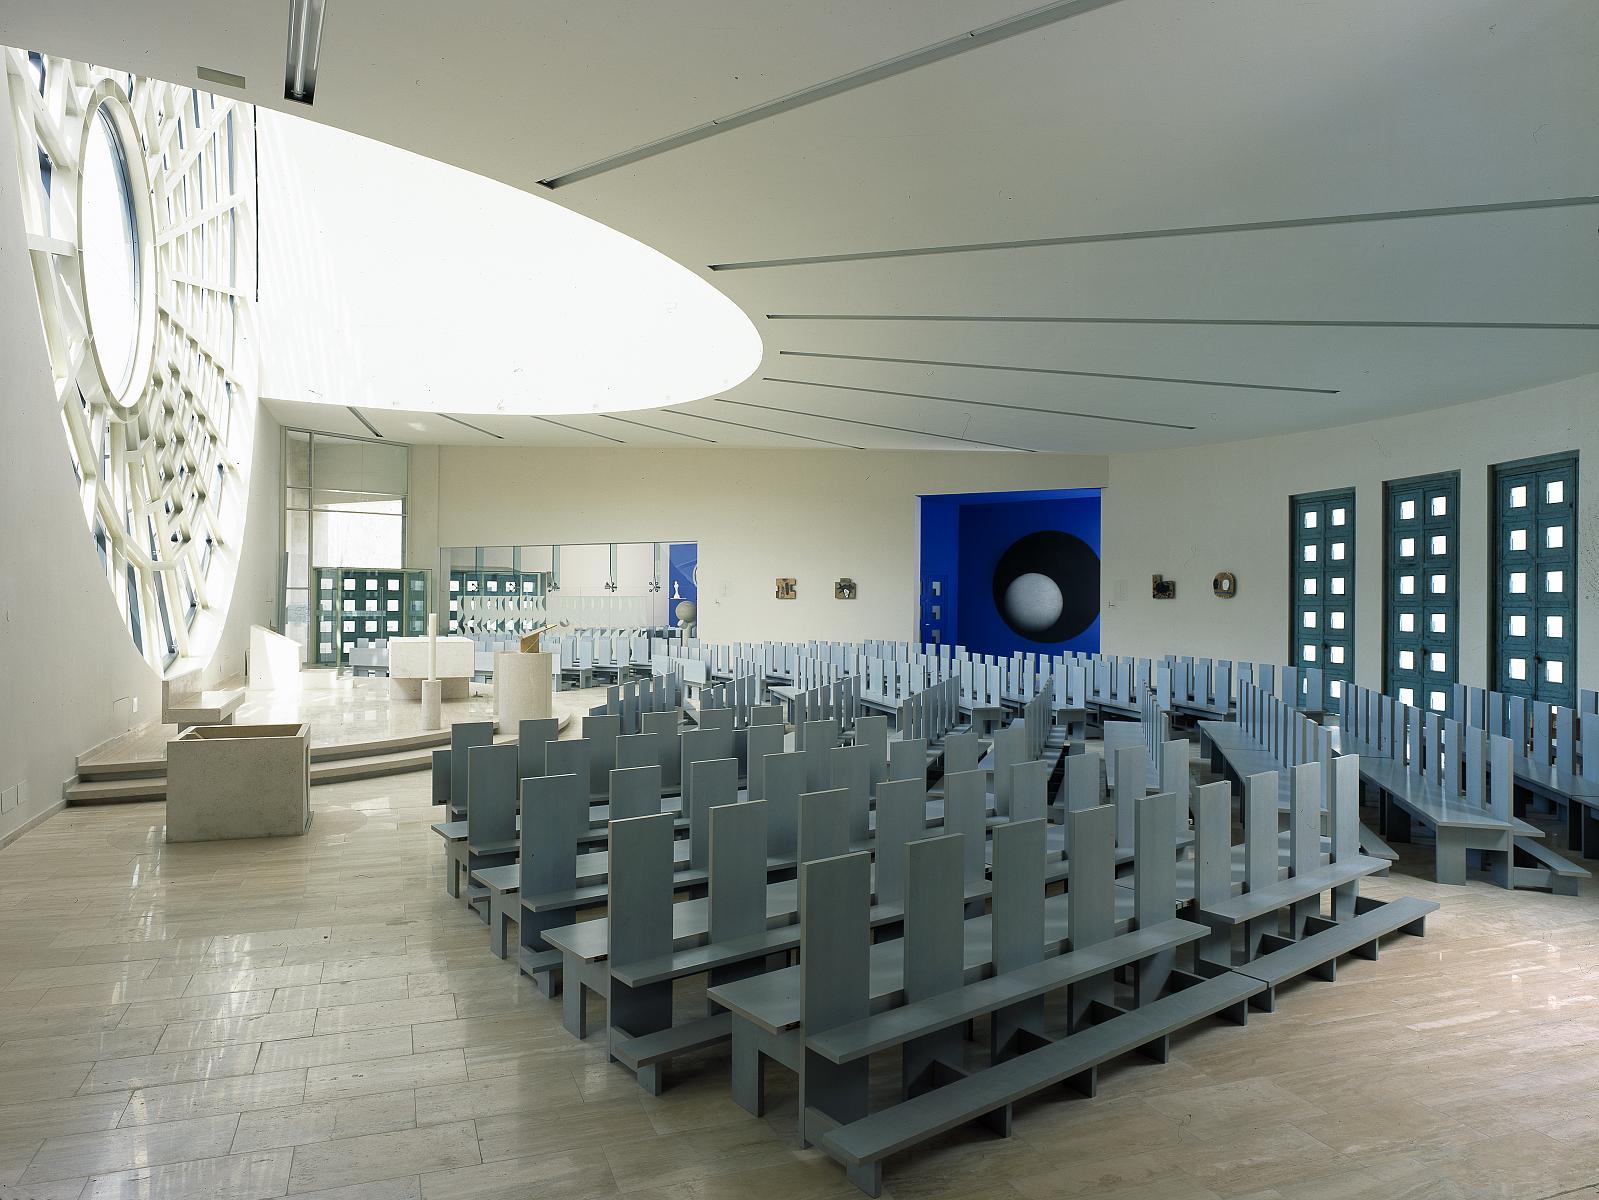 Kościół, który skrywa tajemnicę - zdjęcie w treści artykułu nr 3